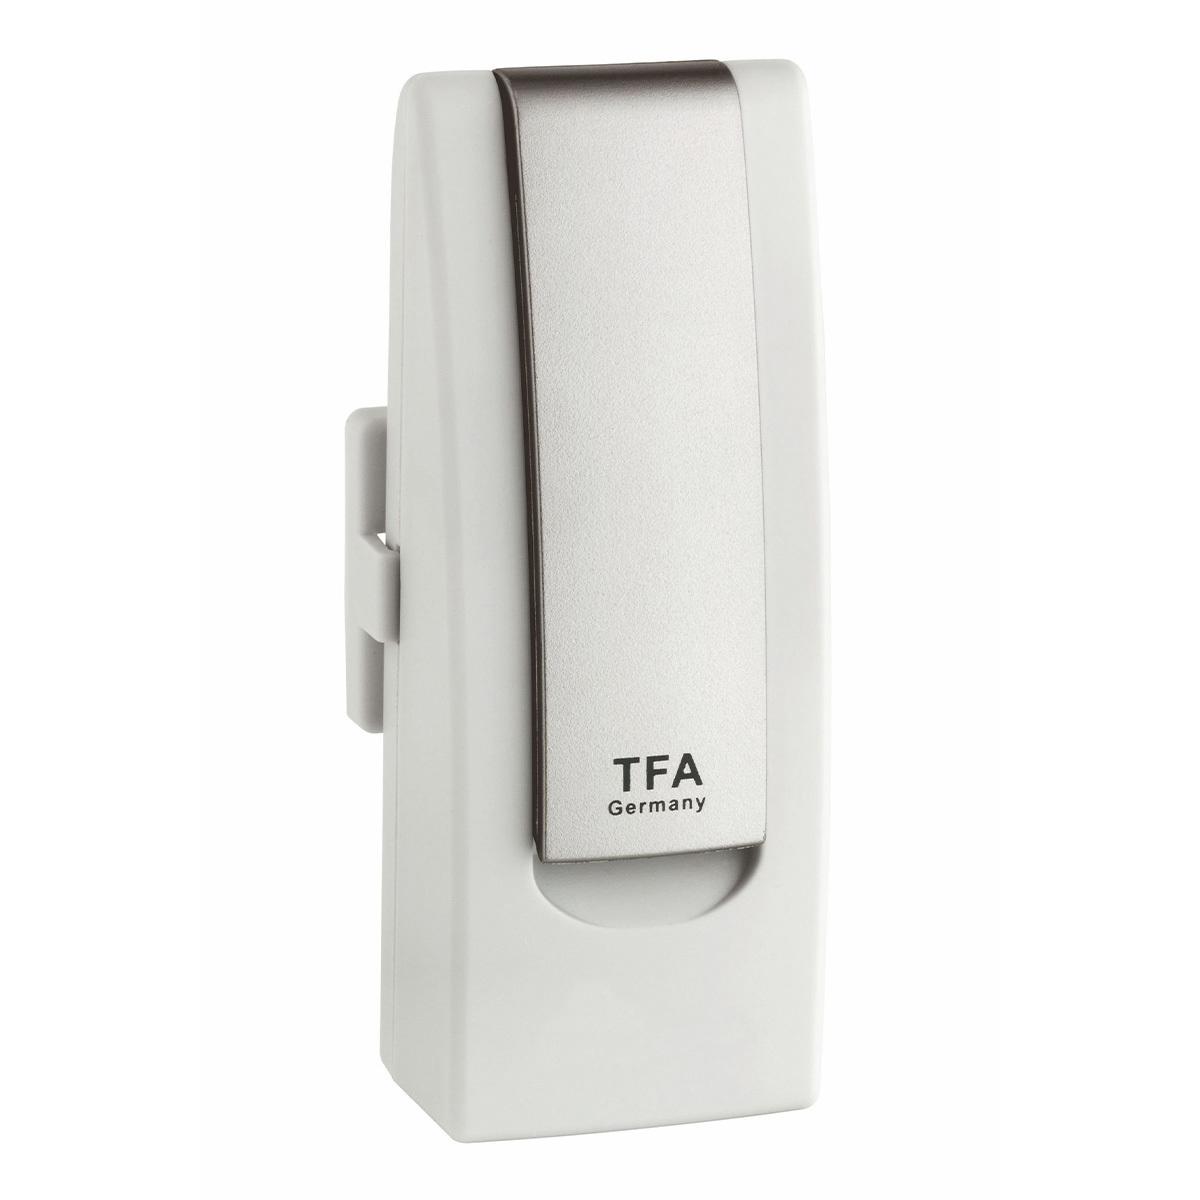 31-4013-02-starter-set-mit-thermo-hygrosender-mit-profi-temperatur-kabelfühler-weatherhub-observer-sender2-1200x1200px.jpg